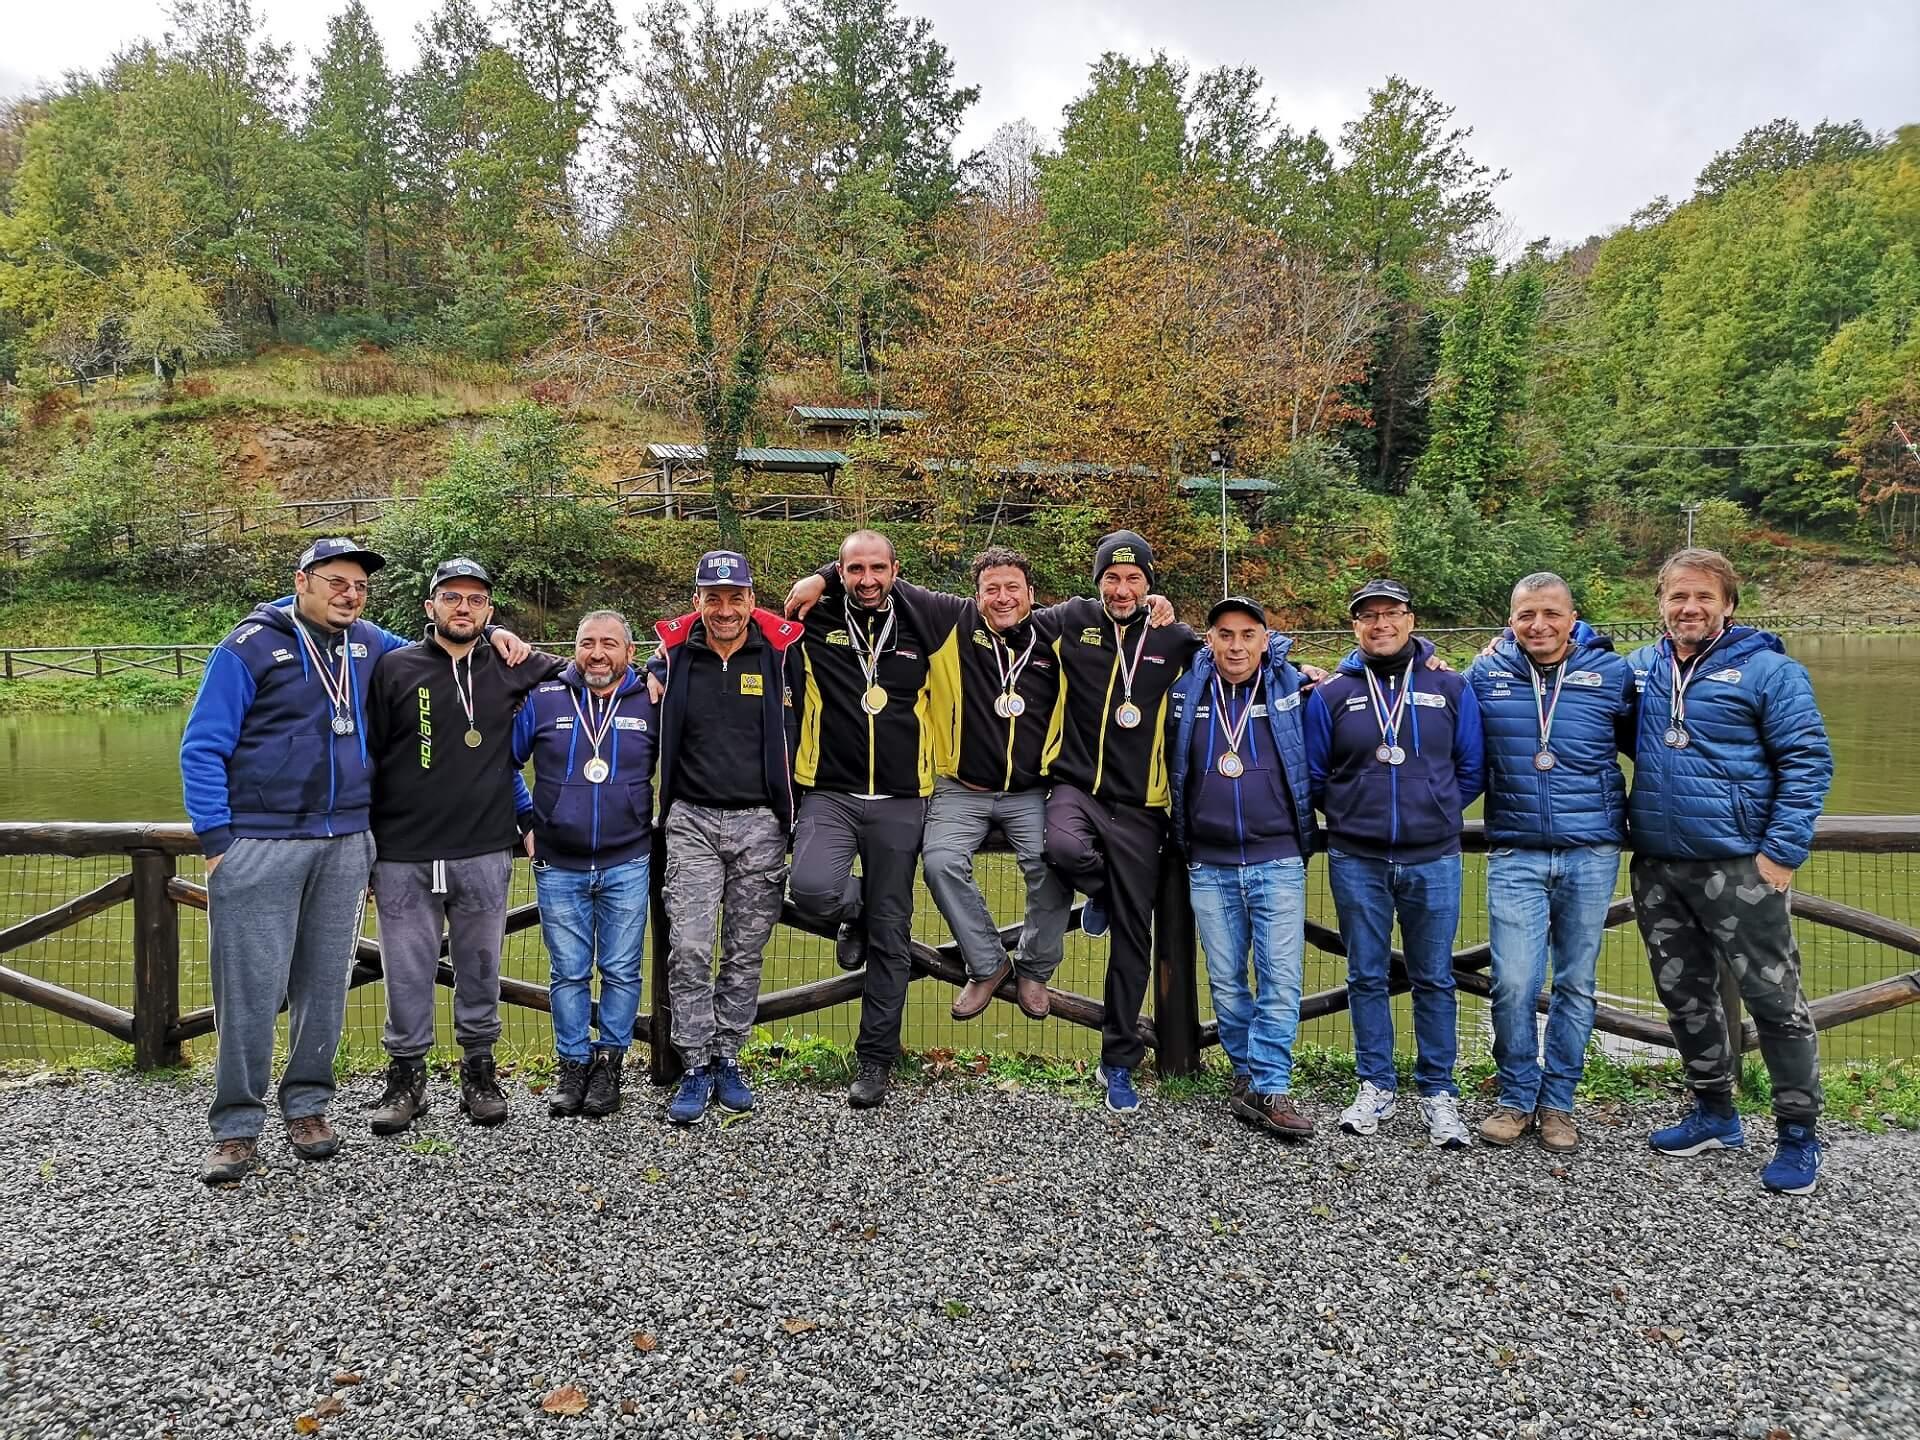 Podio della terza gara a squadre regionale calabria 2019